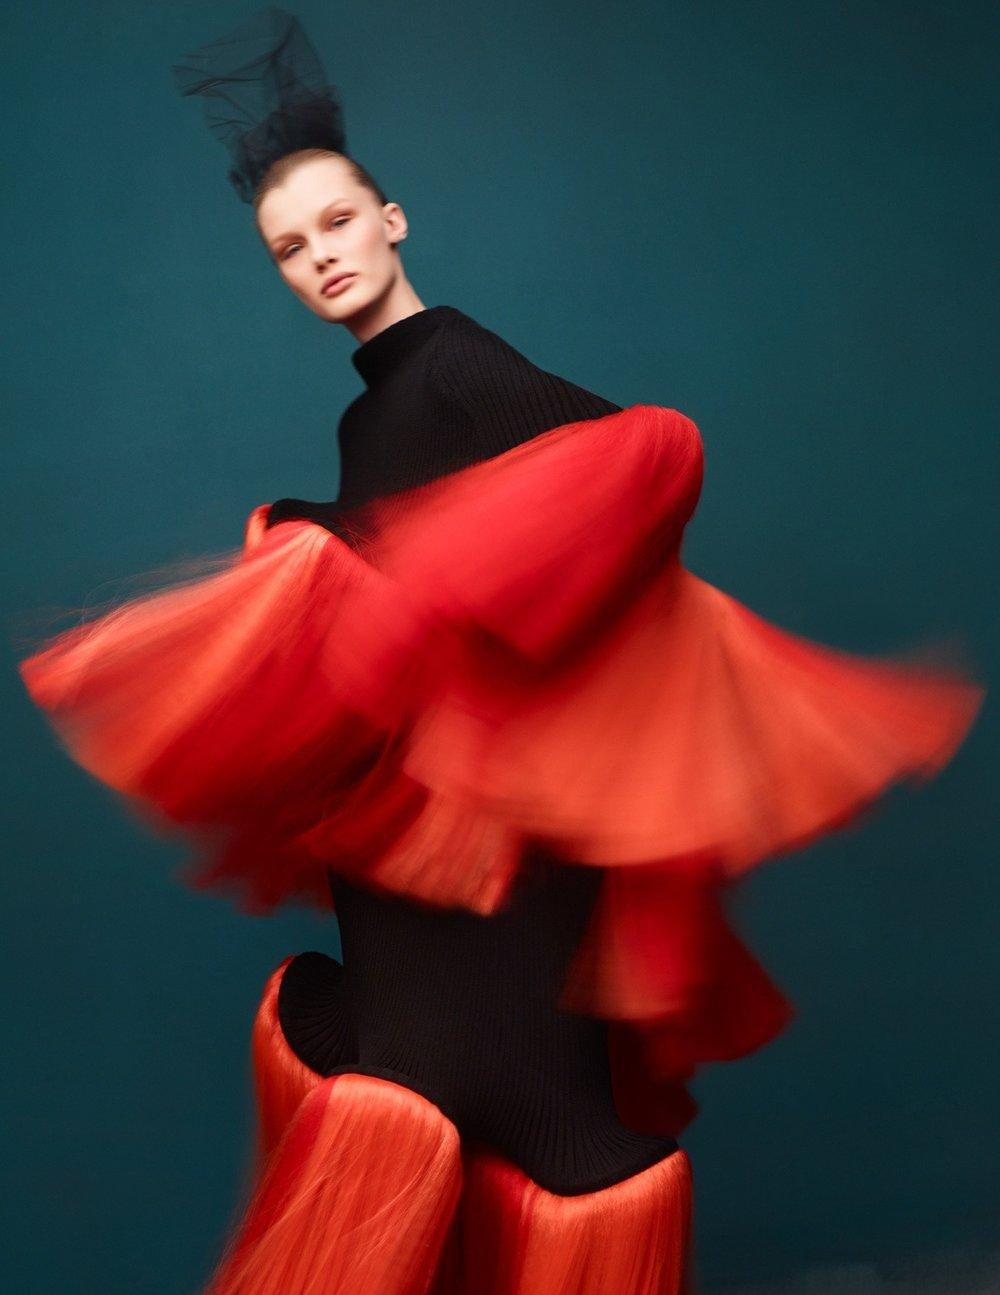 Kris Grikaite by Solve Sundsbo for Vogue China Jan 2019 (3).jpg